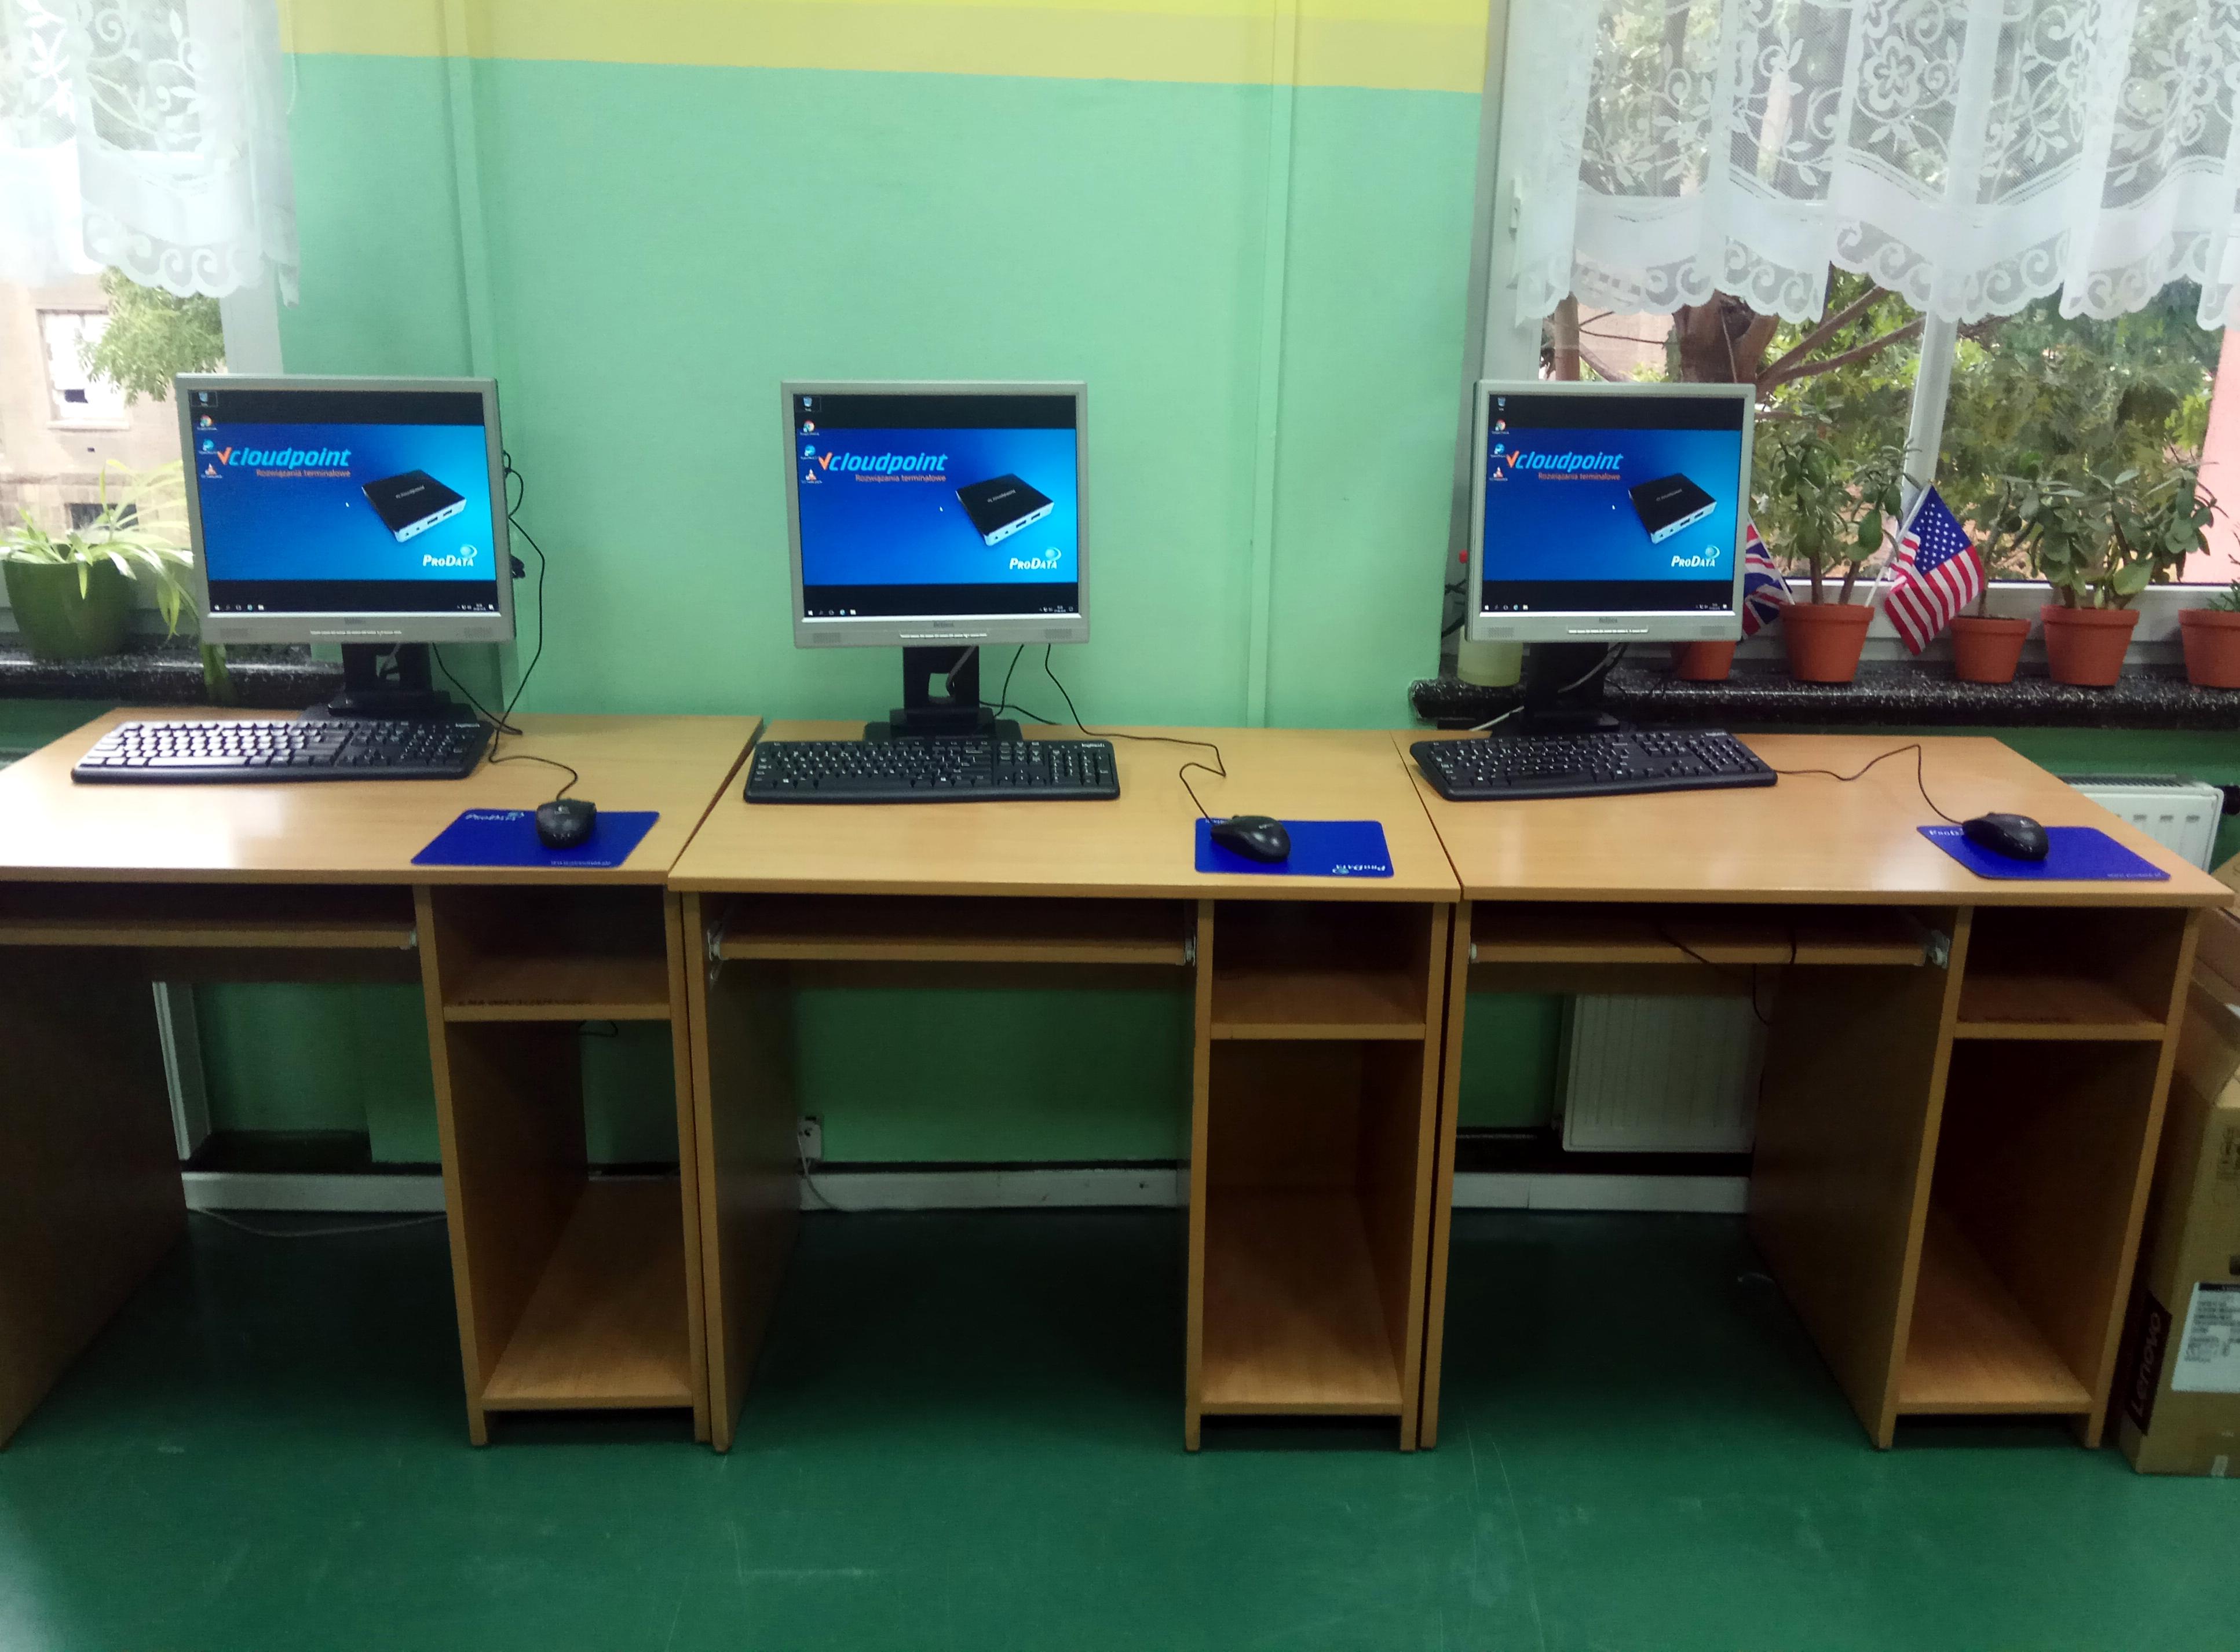 Pracownia terminalowa vCloudPoint w szkole podstawowej w Zgorzelcu